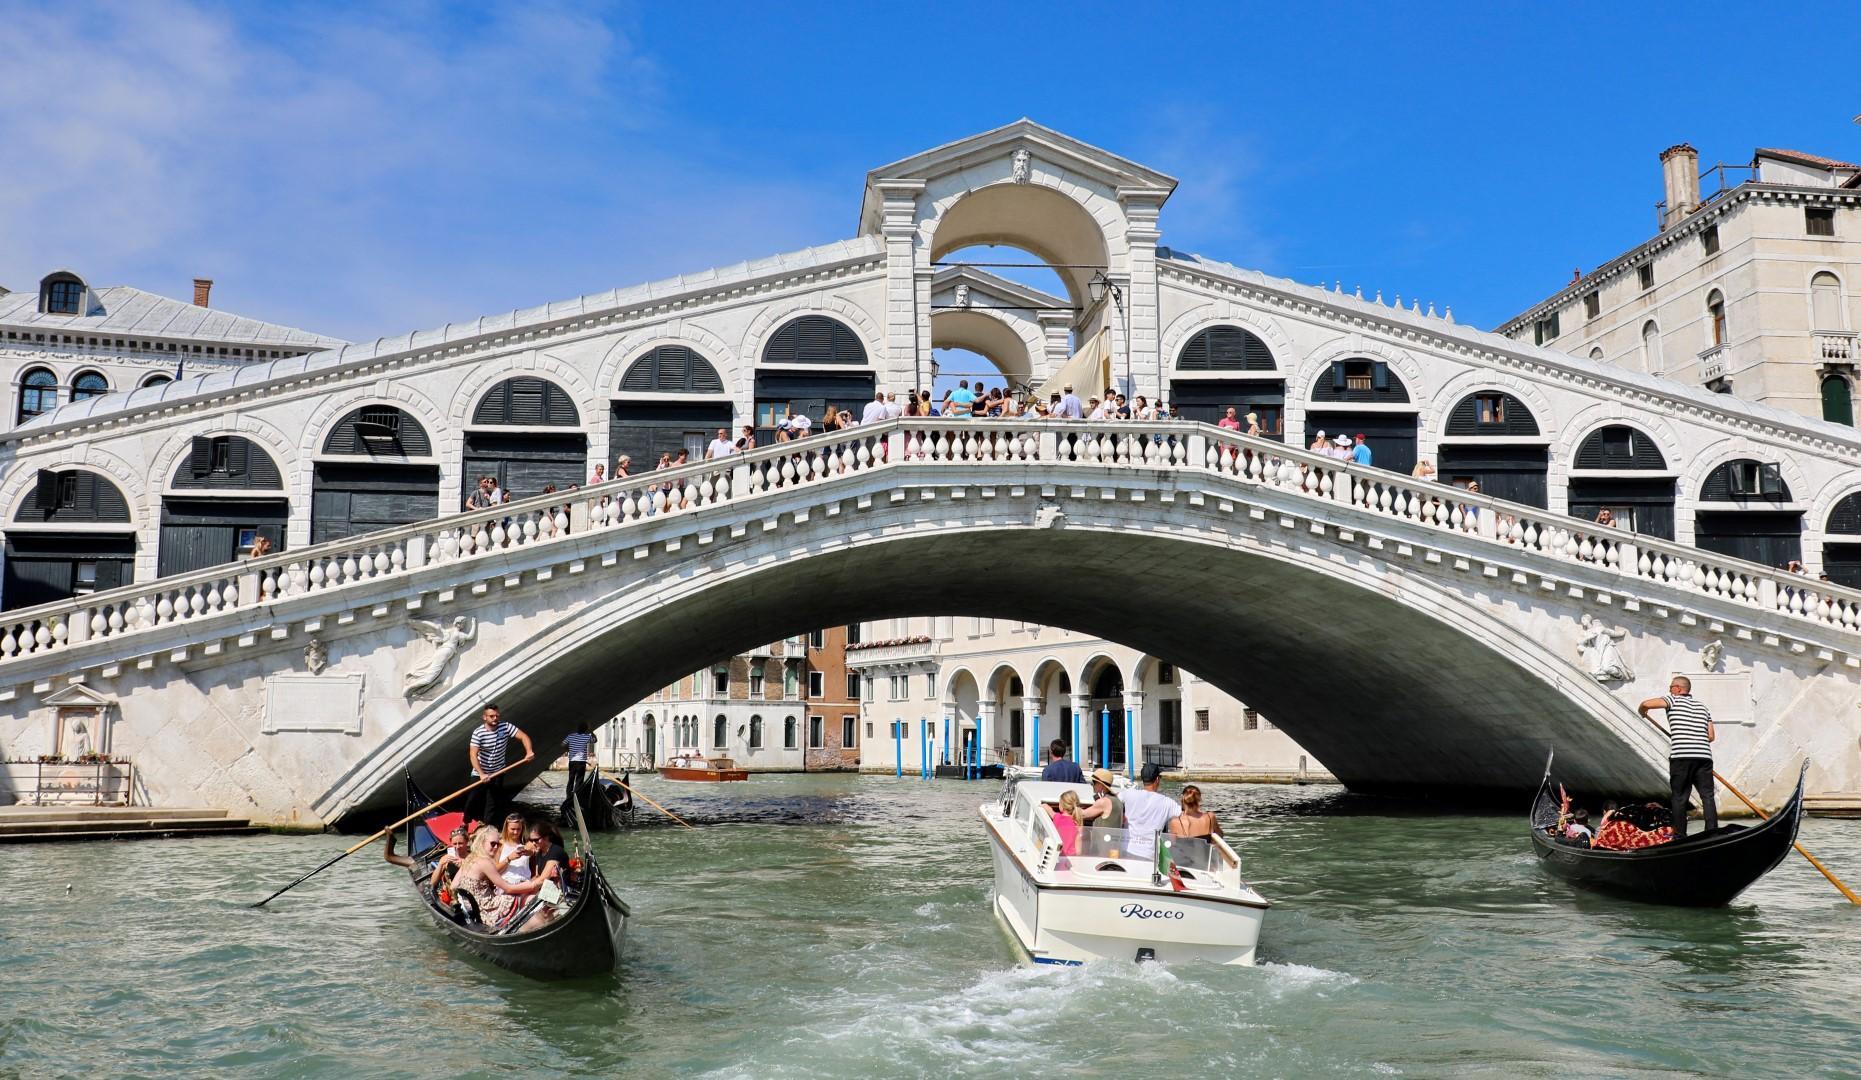 Donnavventura: Venezia, il Canal Grande e i tessuti Bevilacqua